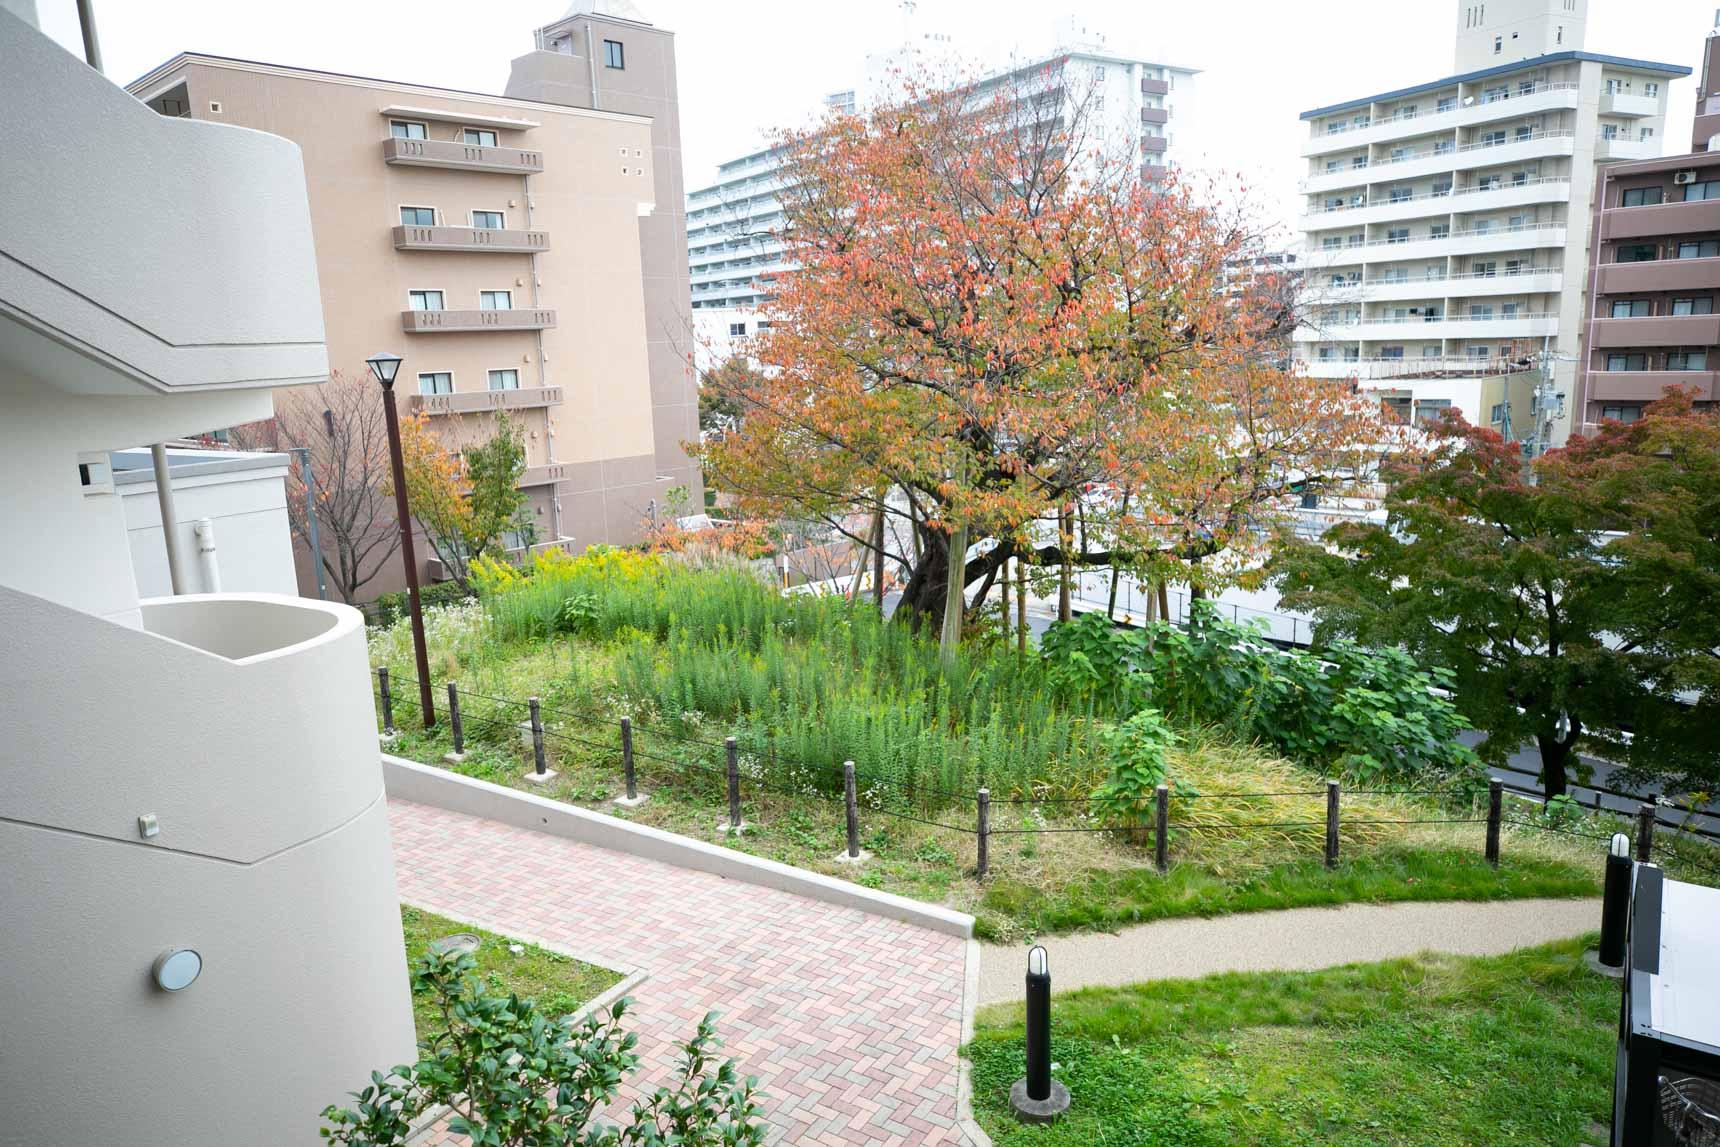 お部屋の目の前には、団地のシンボルとなる桜の木が生えていました。四季の移ろいを毎日感じられますね。